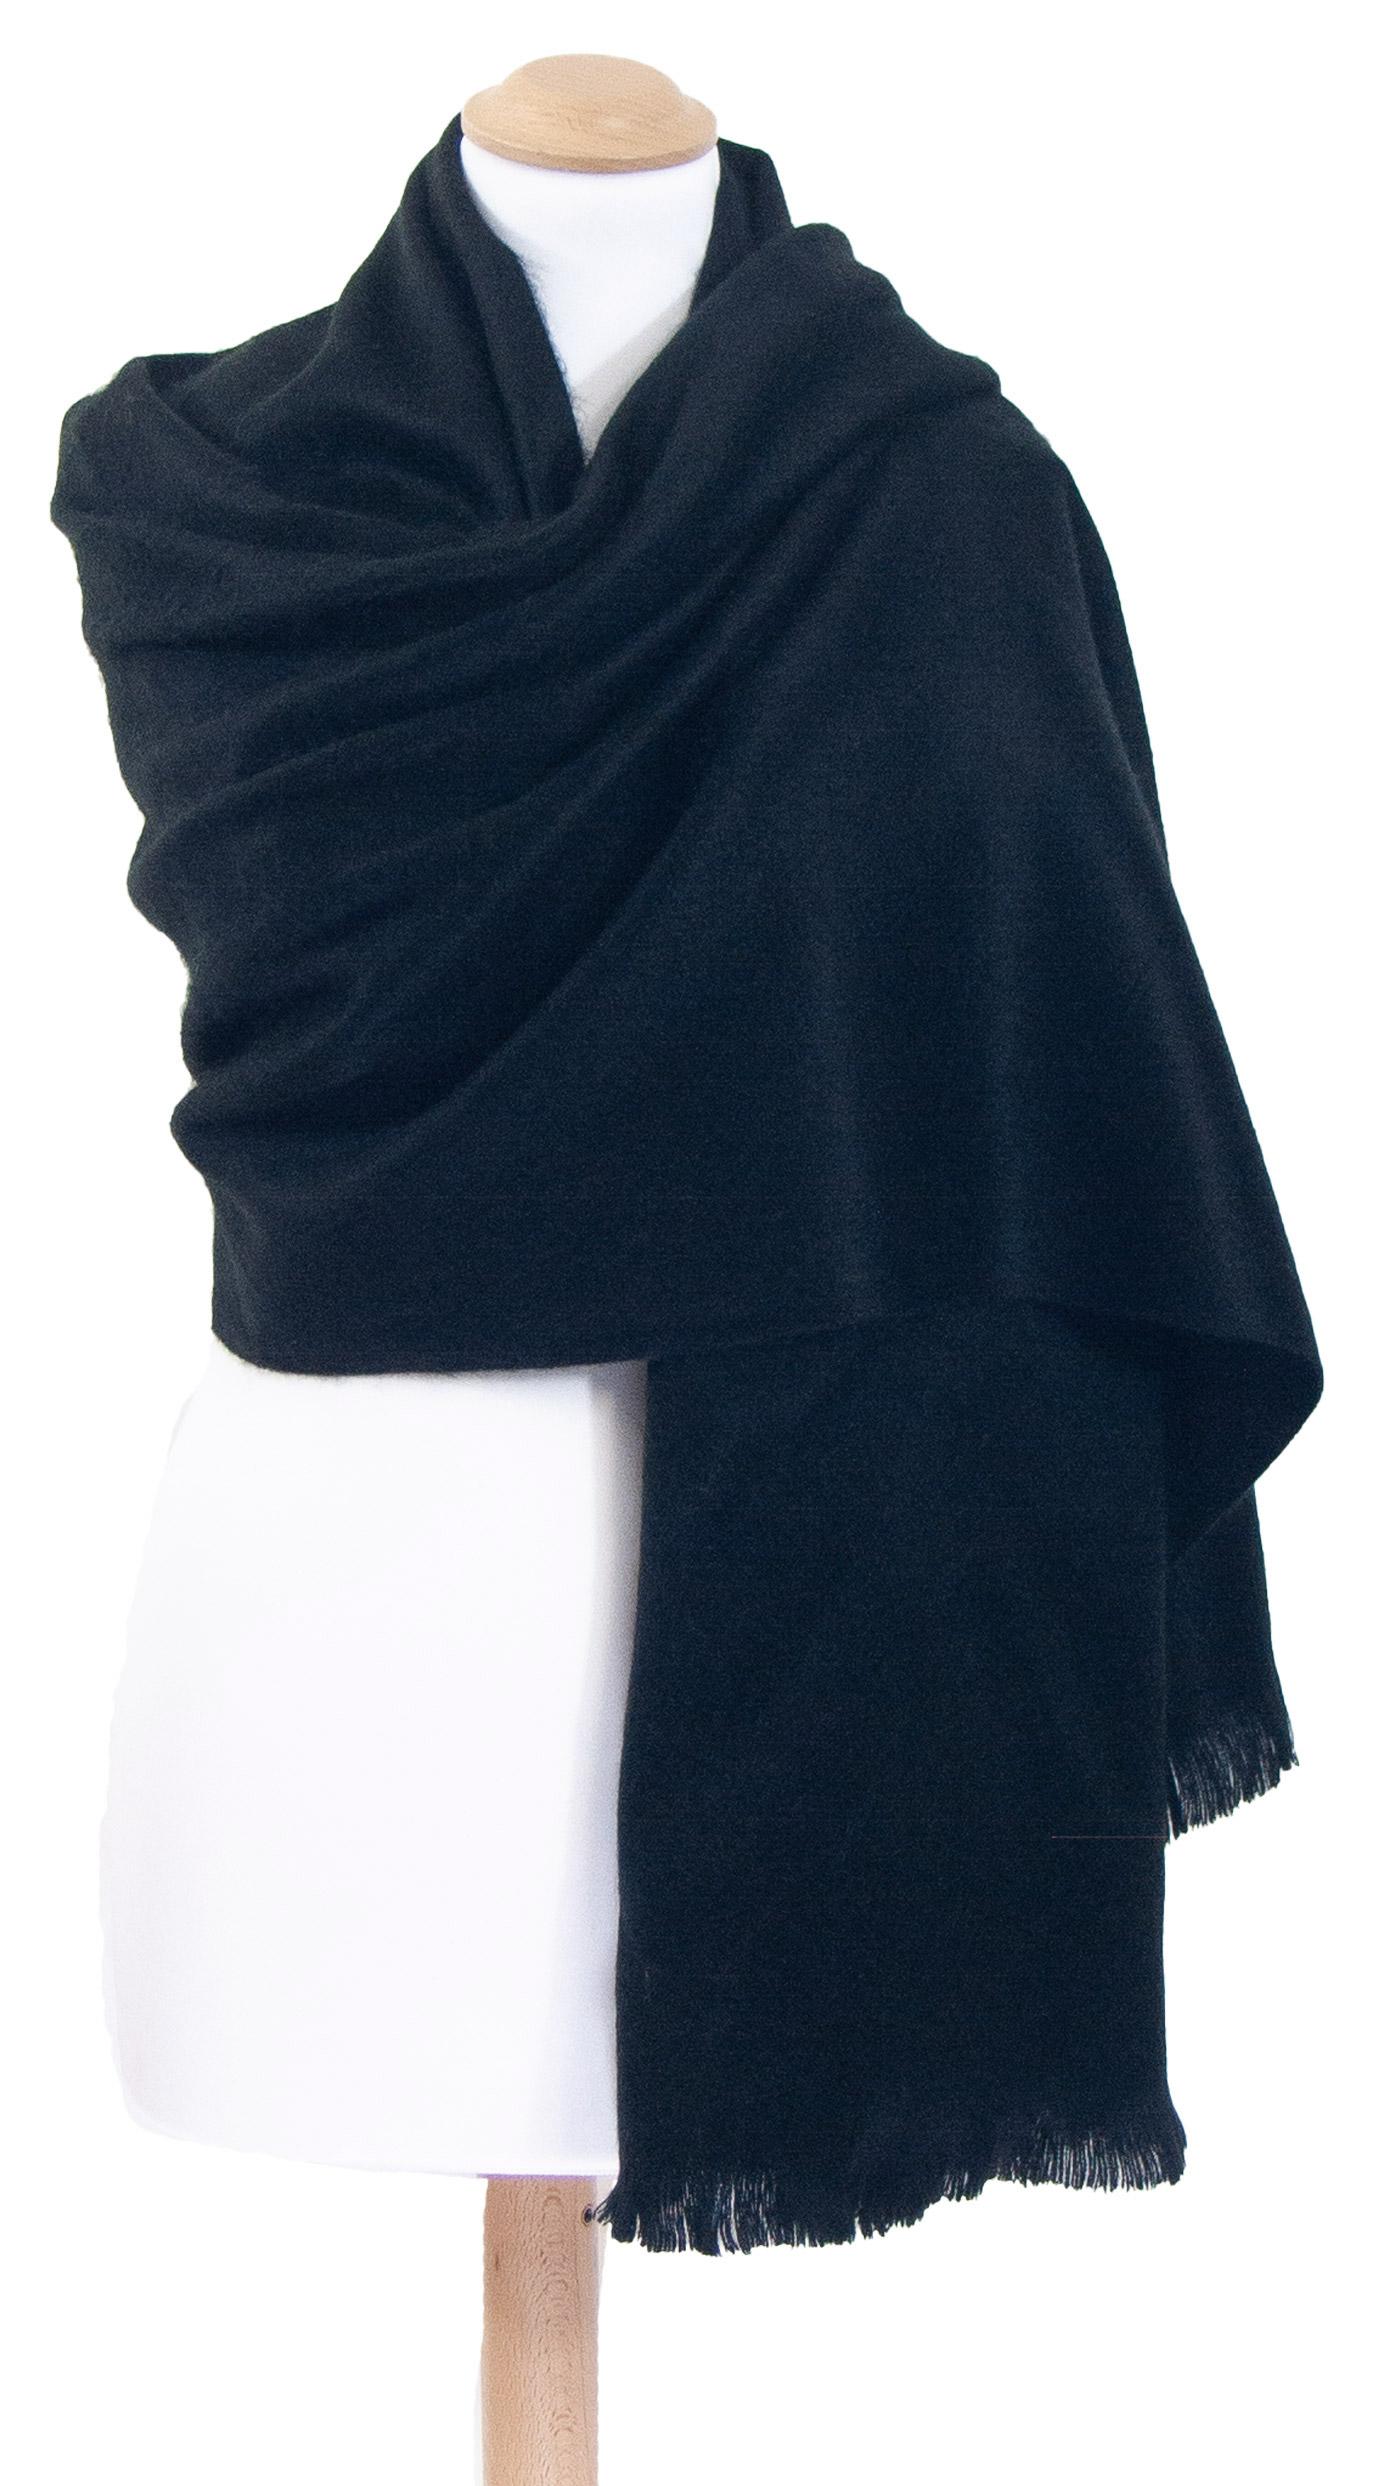 Châle en laine alpaga noir